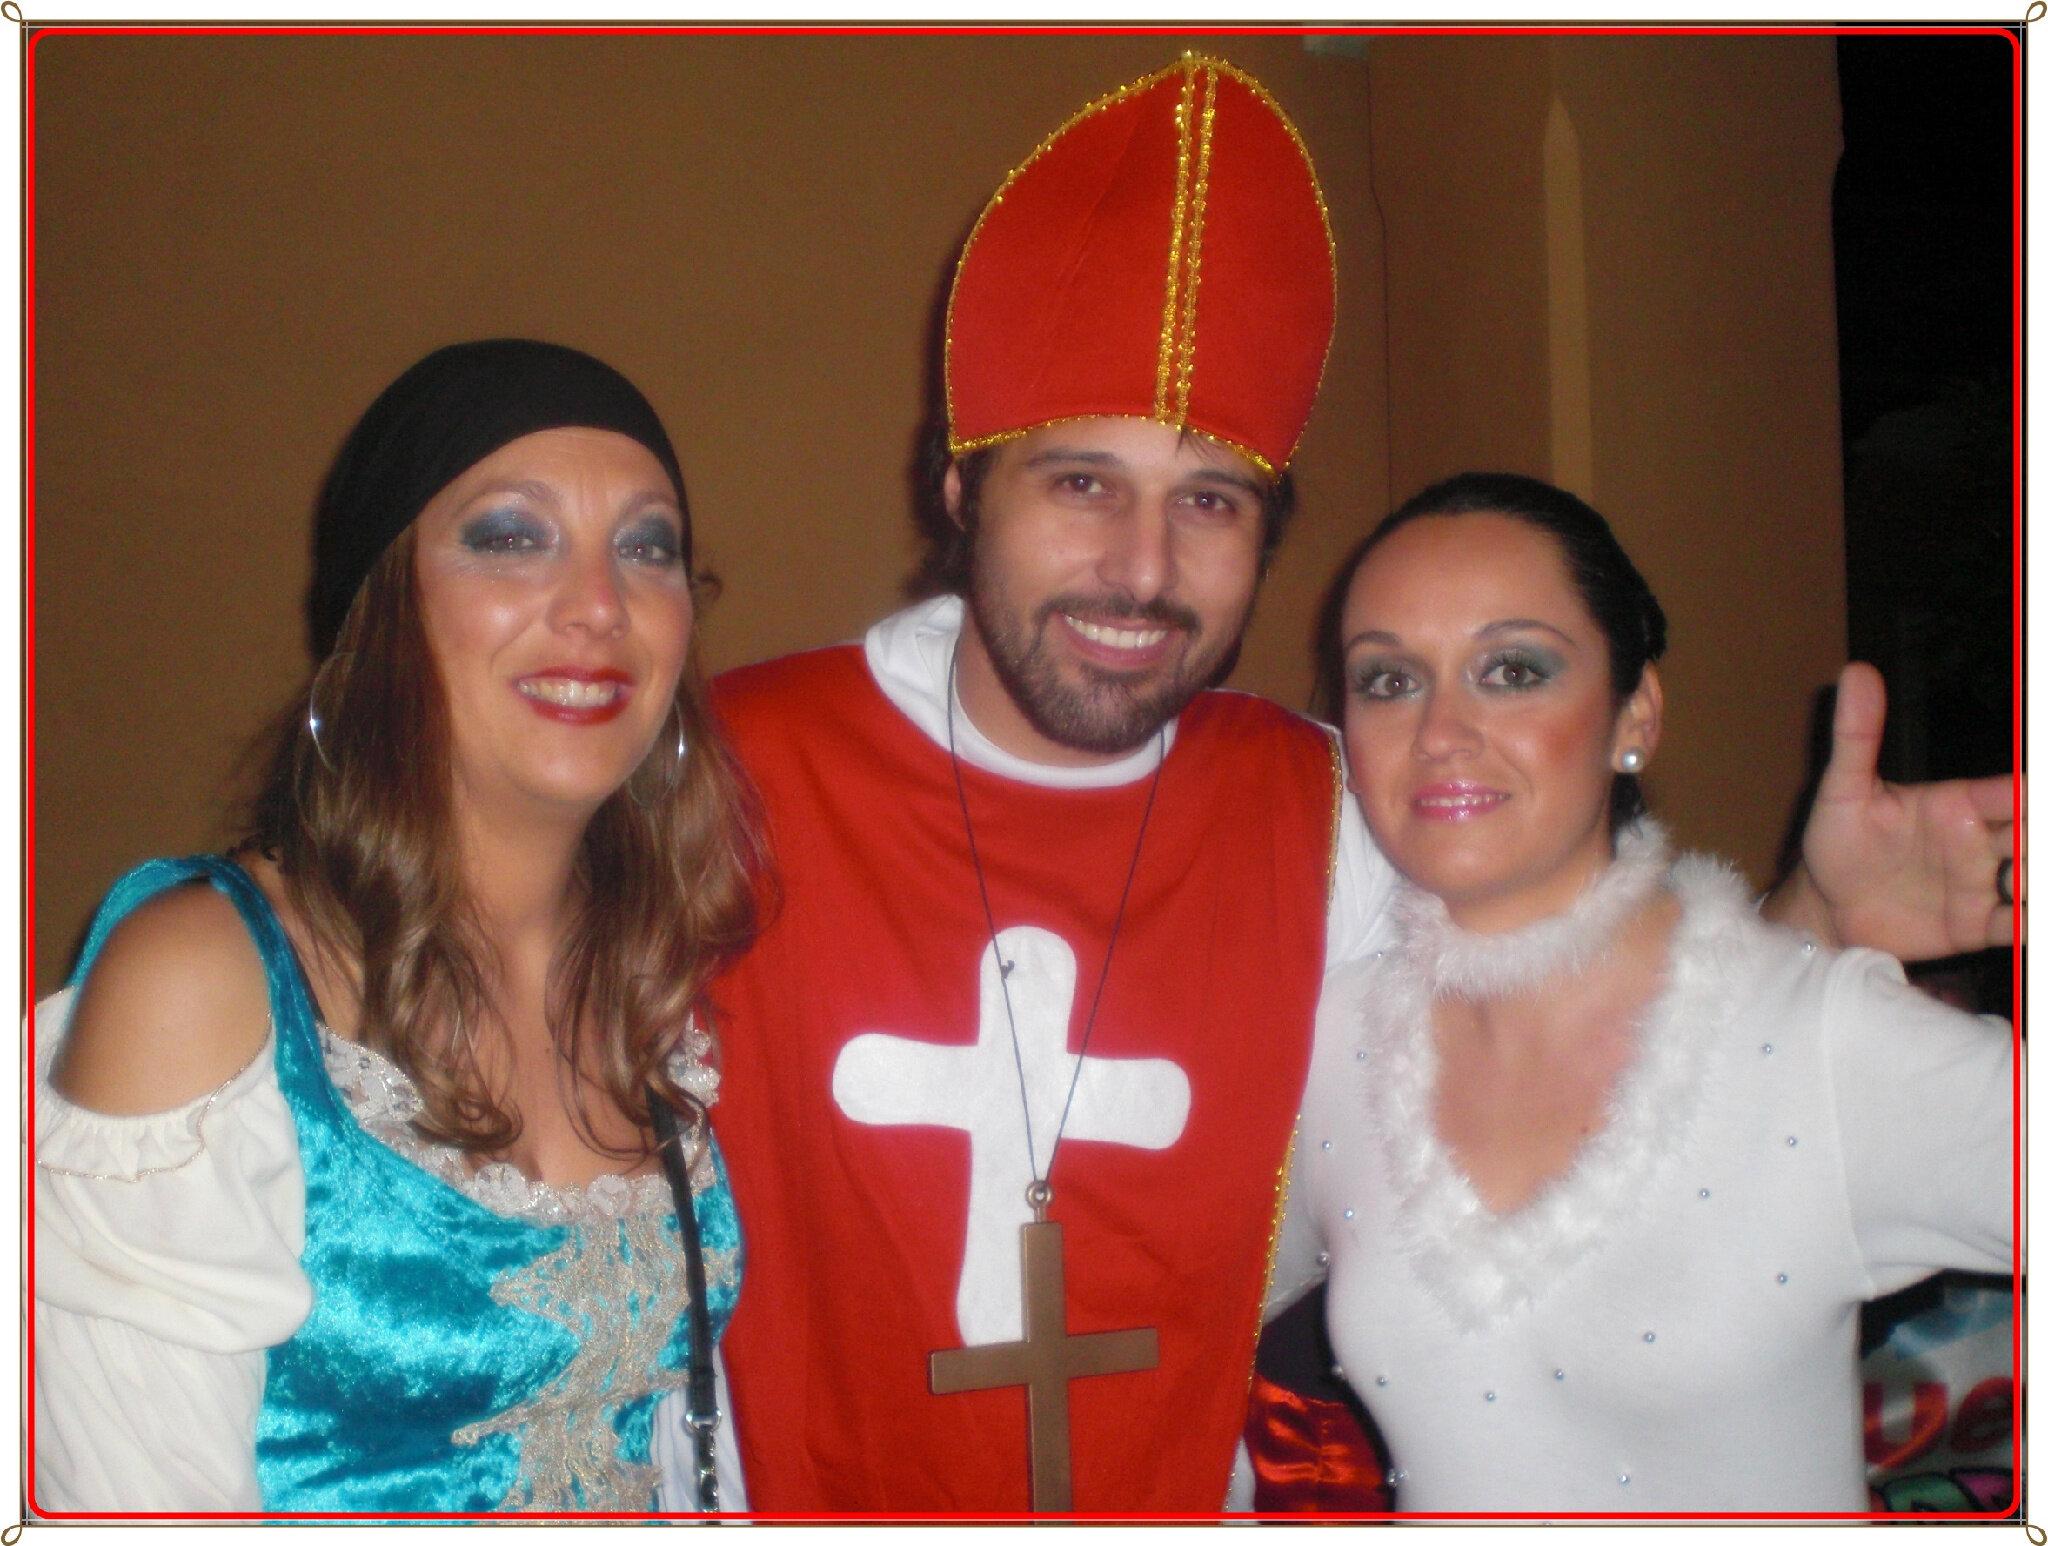 MARIA Y HUGO~* FUERA DE GH~~*VIDA EN PAREJA~*BOLOS - Página 24 BDaIJ9kCQAIJDRr